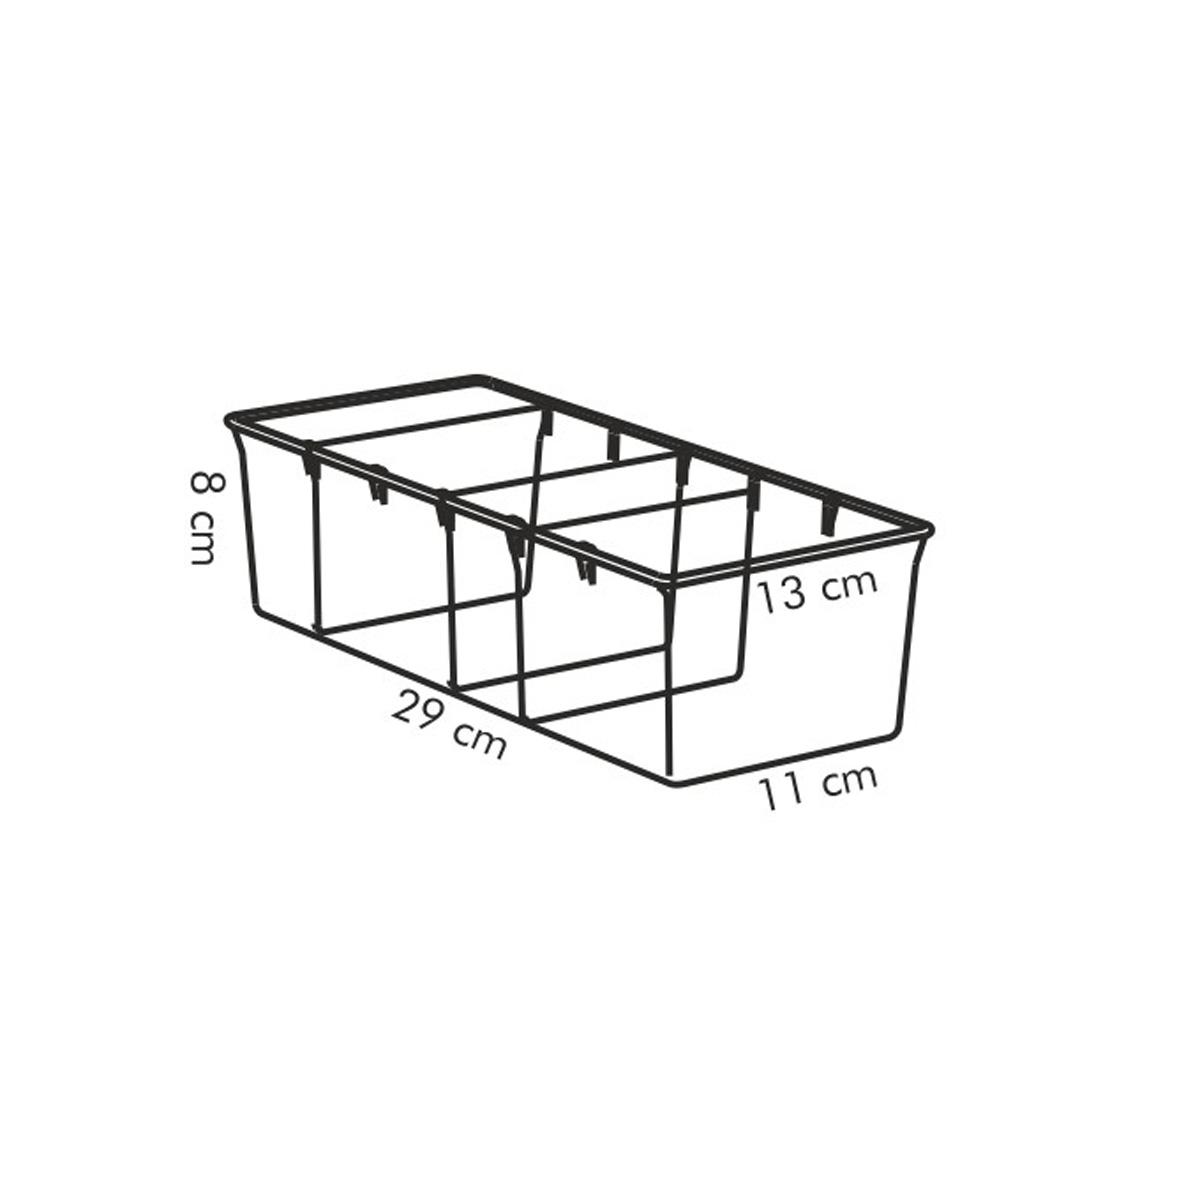 Zásobník na sáčky s kořením 4FOOD 29x13 cm